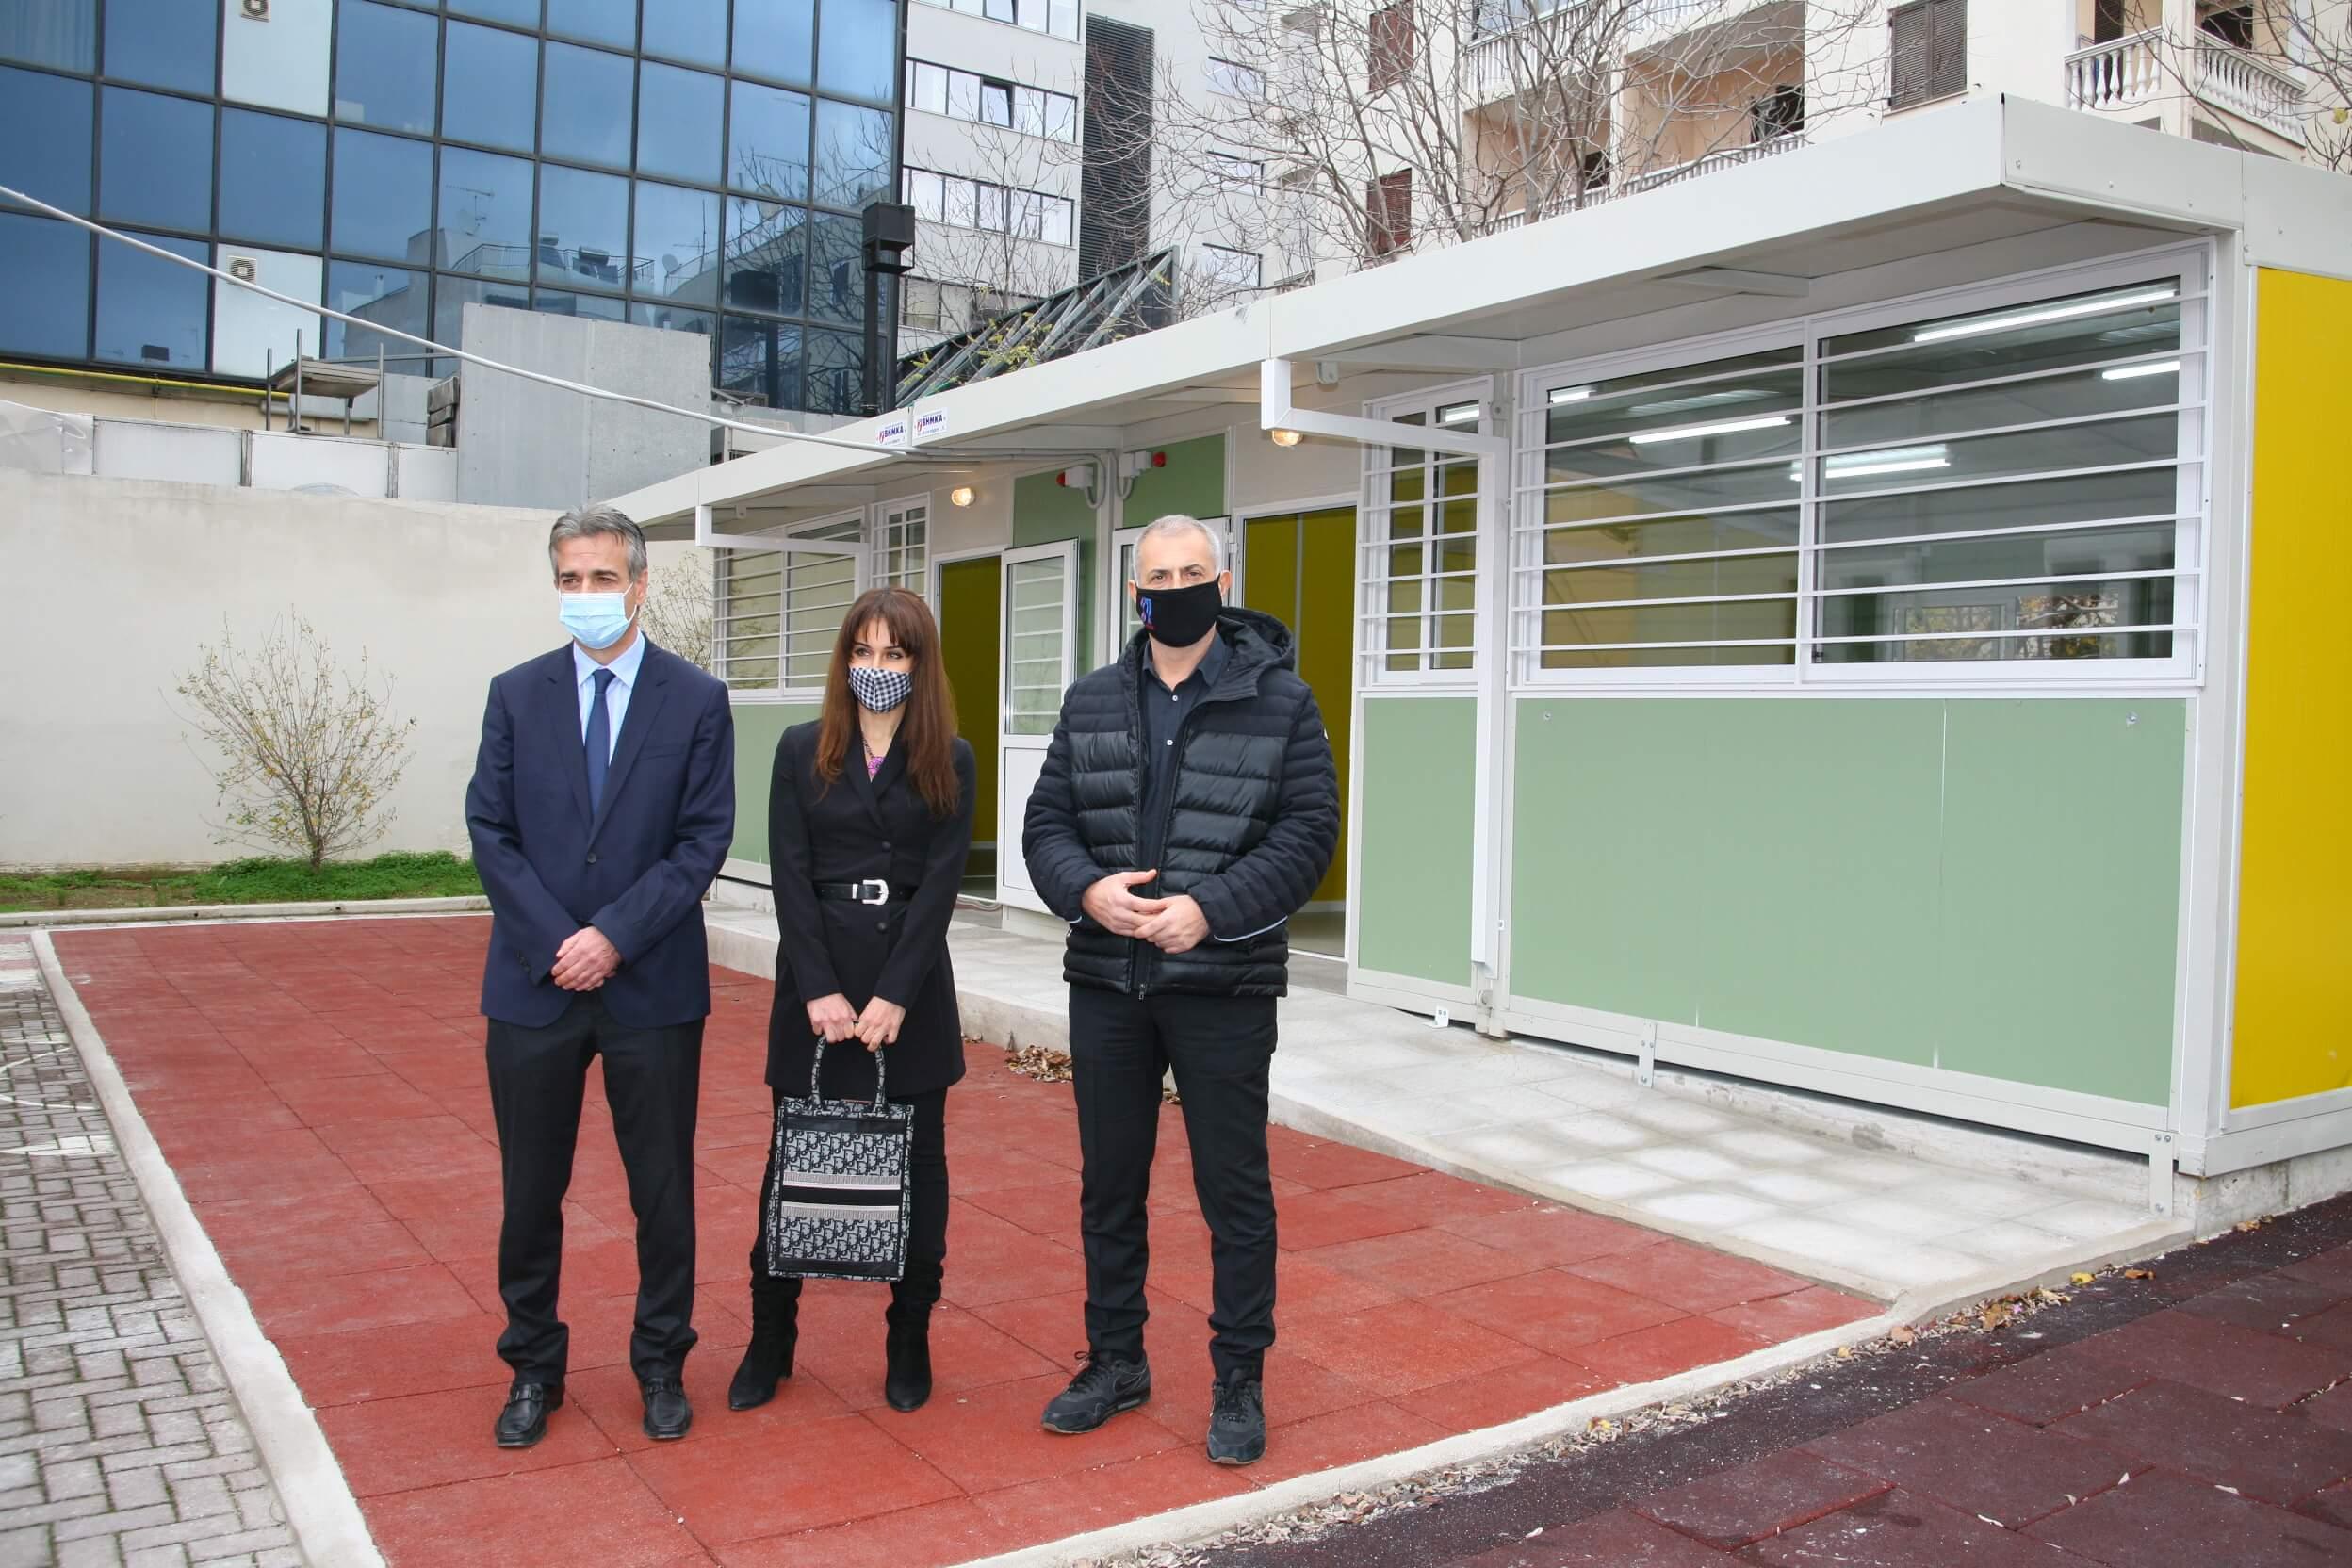 Δήμος Πειραιά : Τοποθέτησε σύγχρονες προκατασκευασμένες αίθουσες σε σχολικά κτήρια